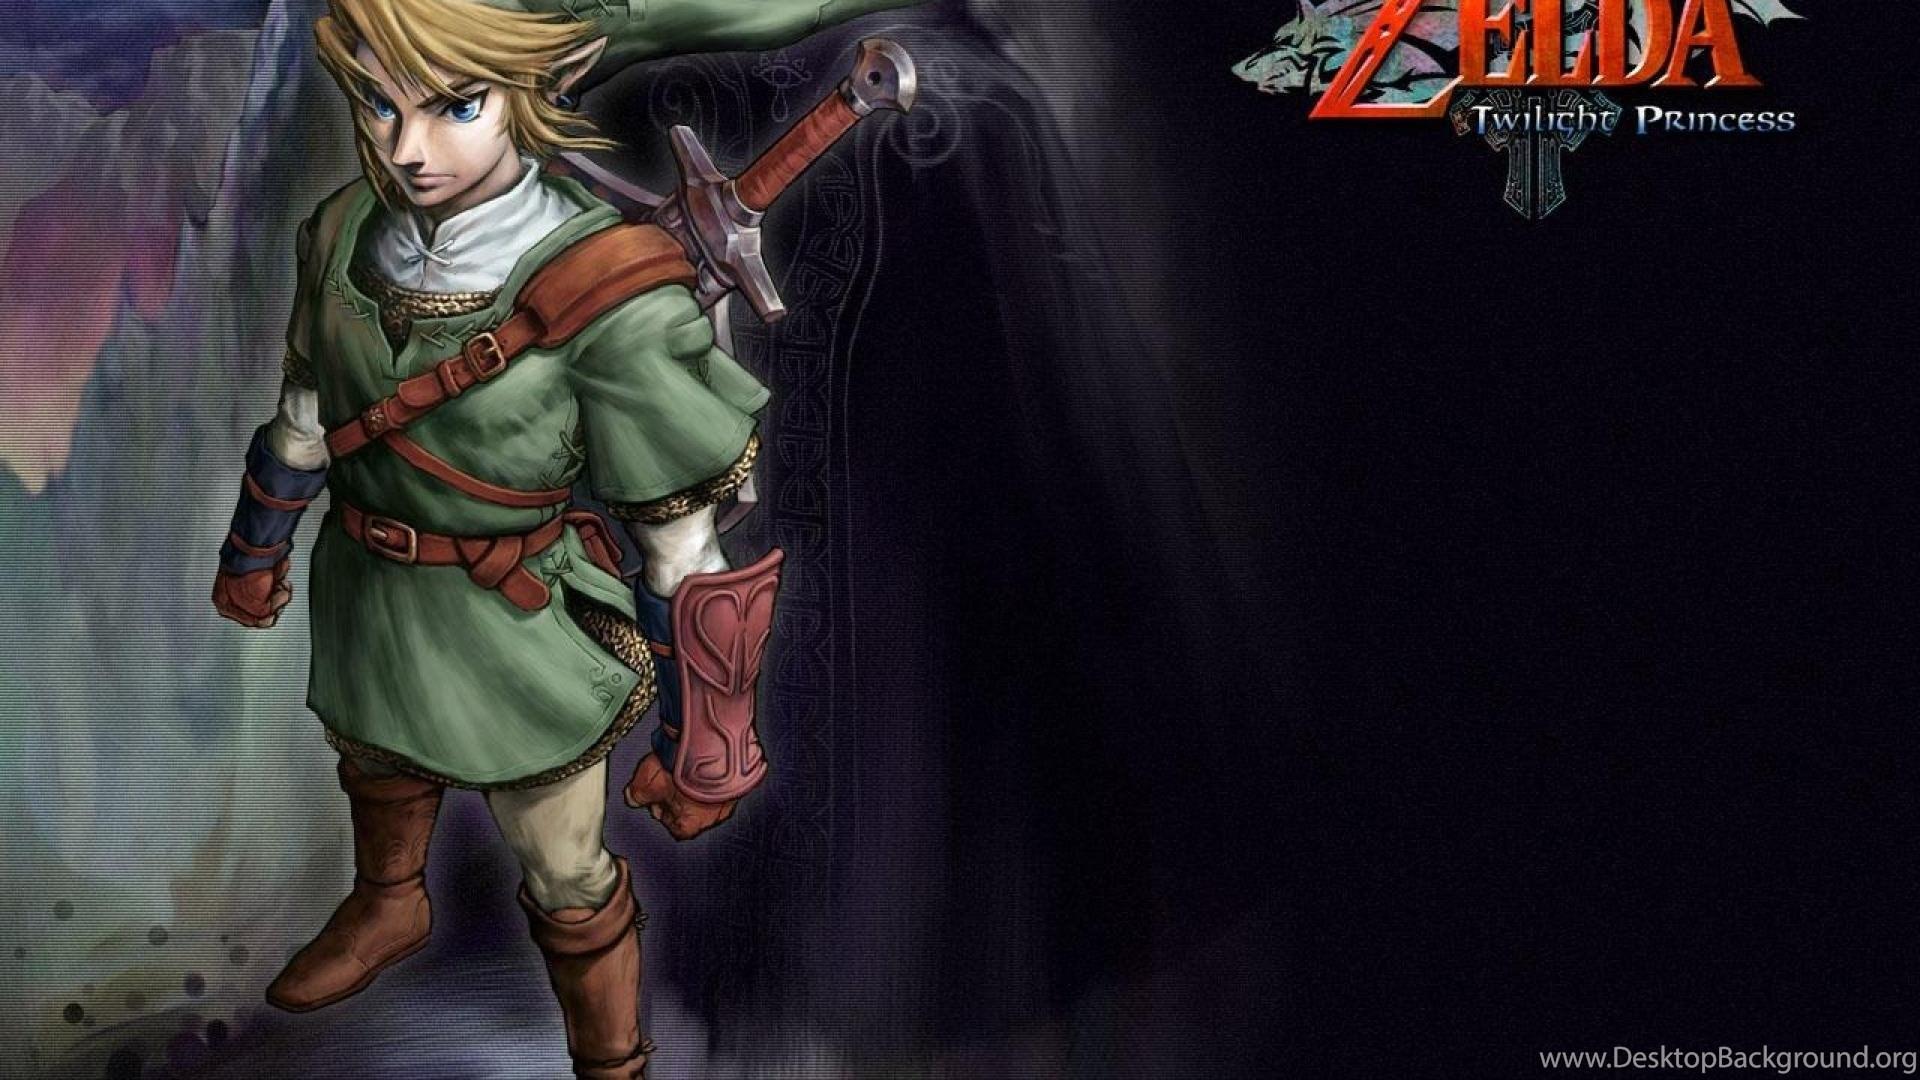 Link Zelda Twilight Princess Hd Wallpapers Desktop Background